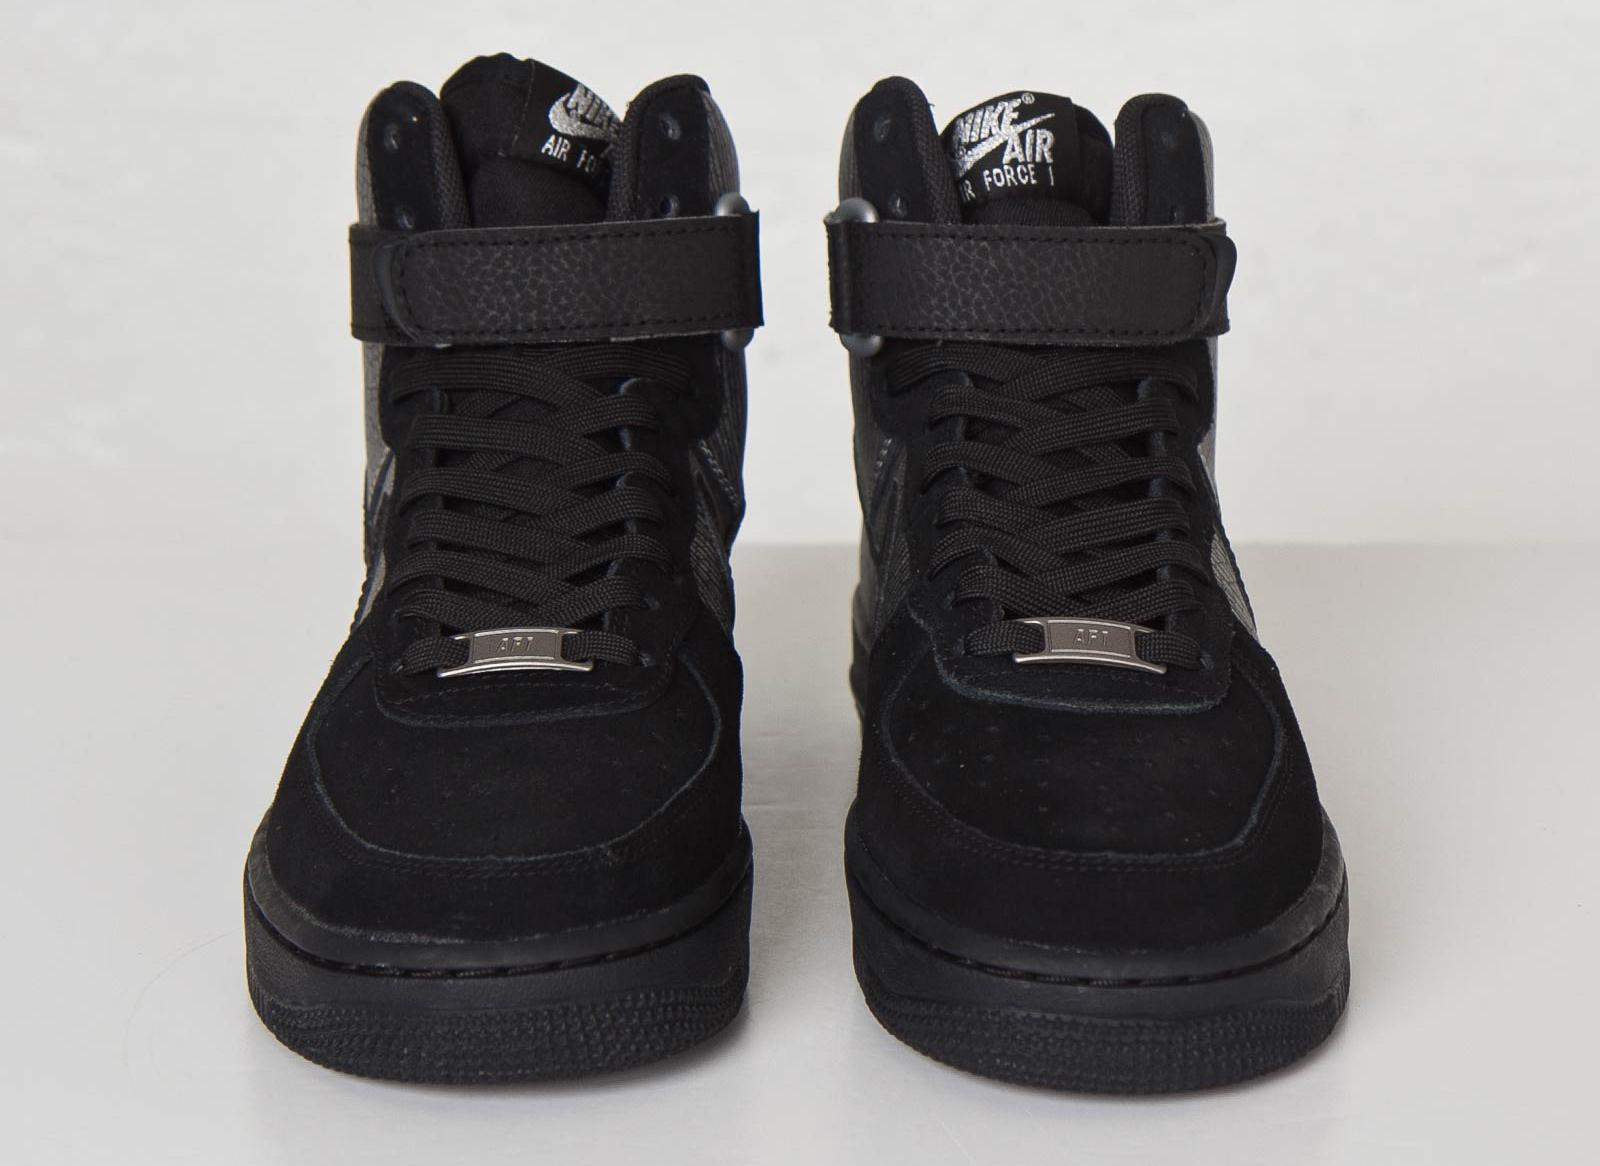 Air Force 1 High Black